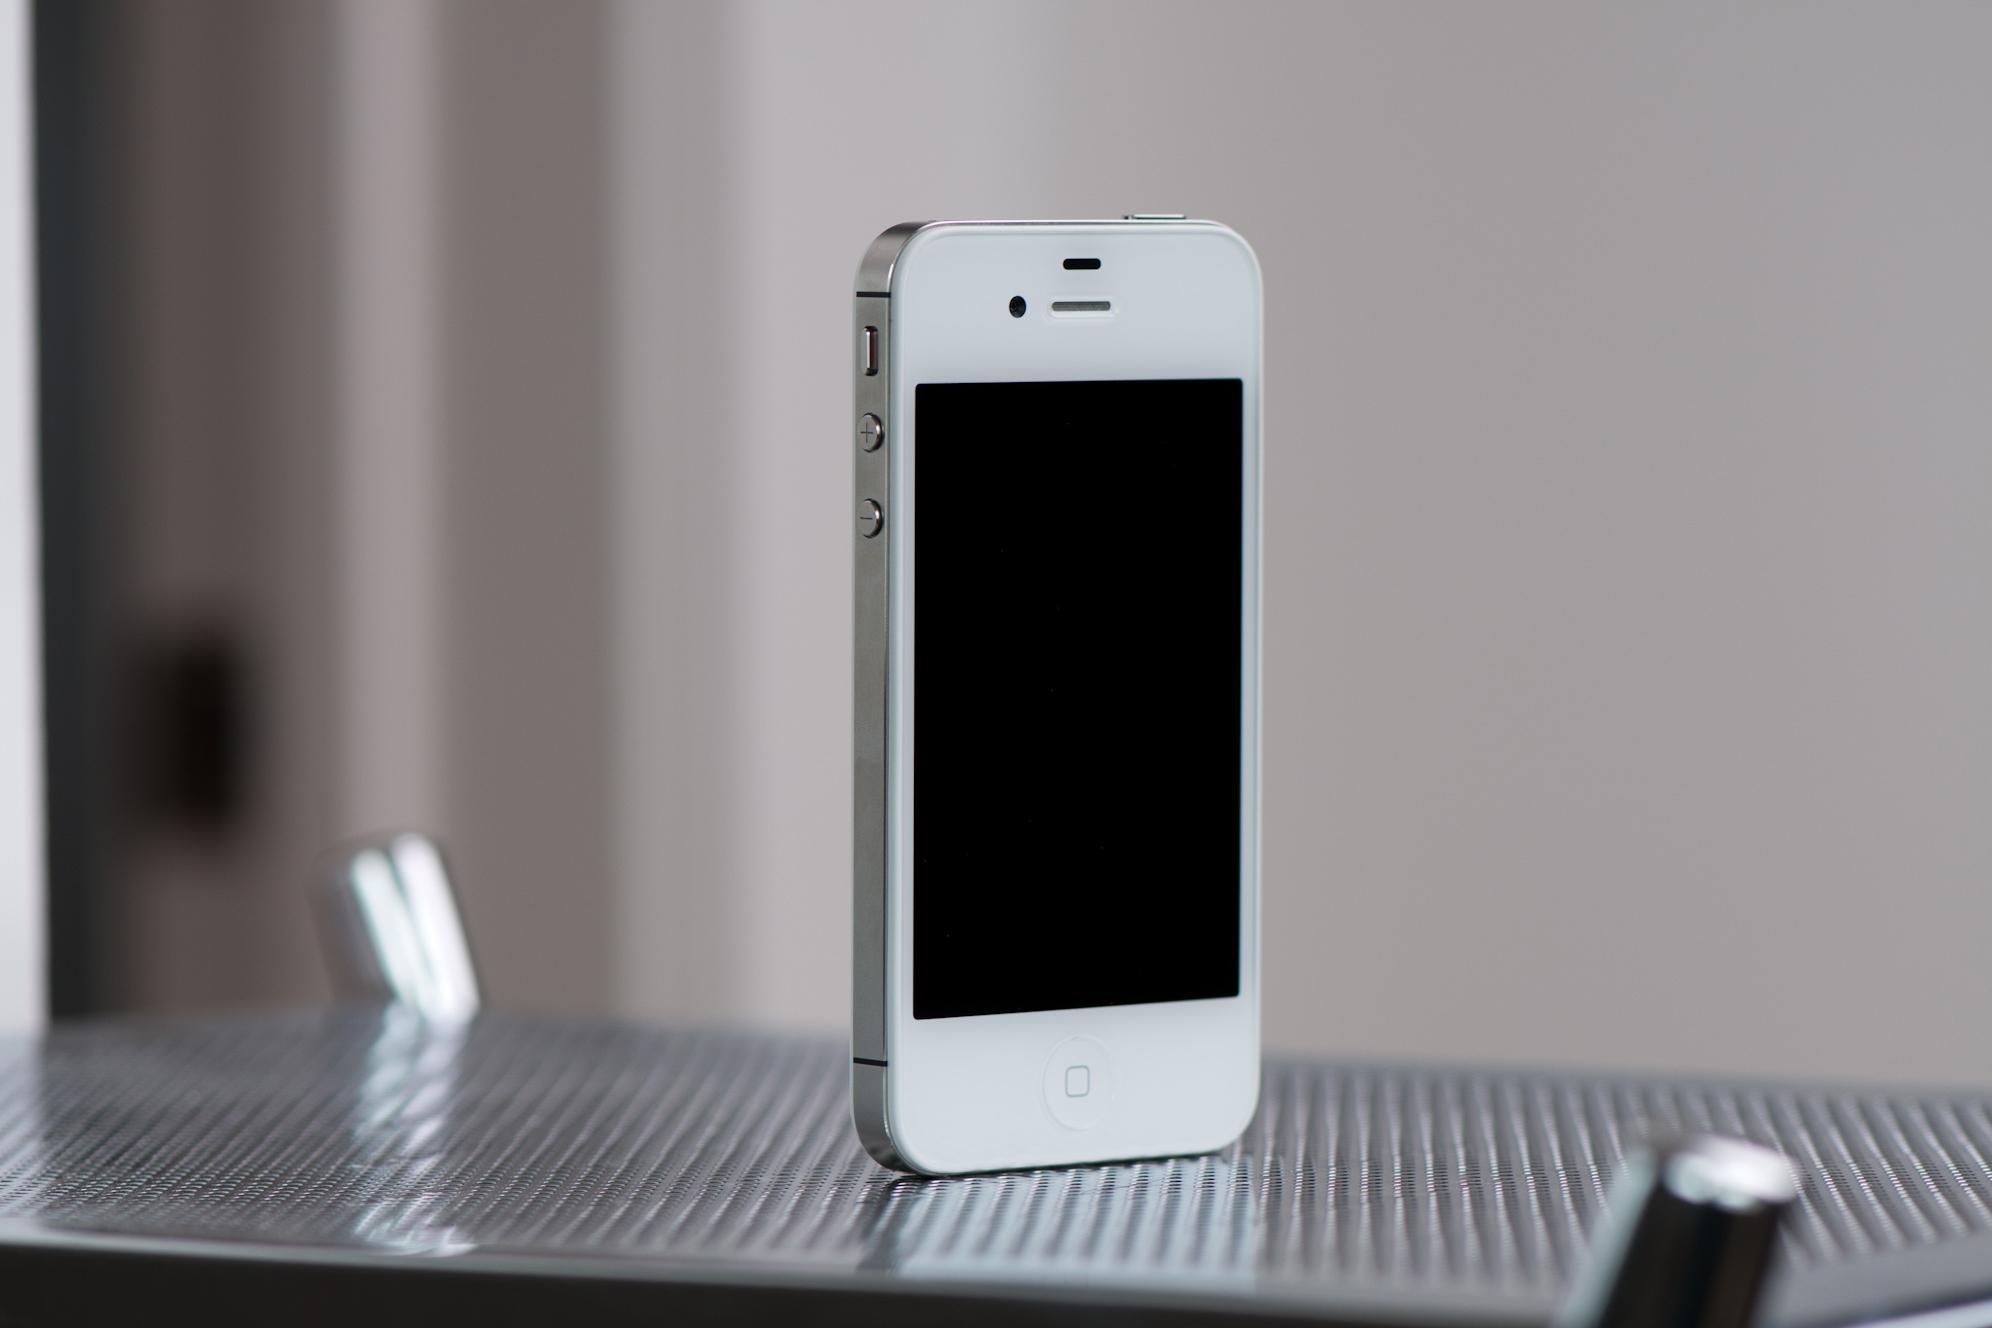 Смартфоны четвертого поколения объявлены устаревшими